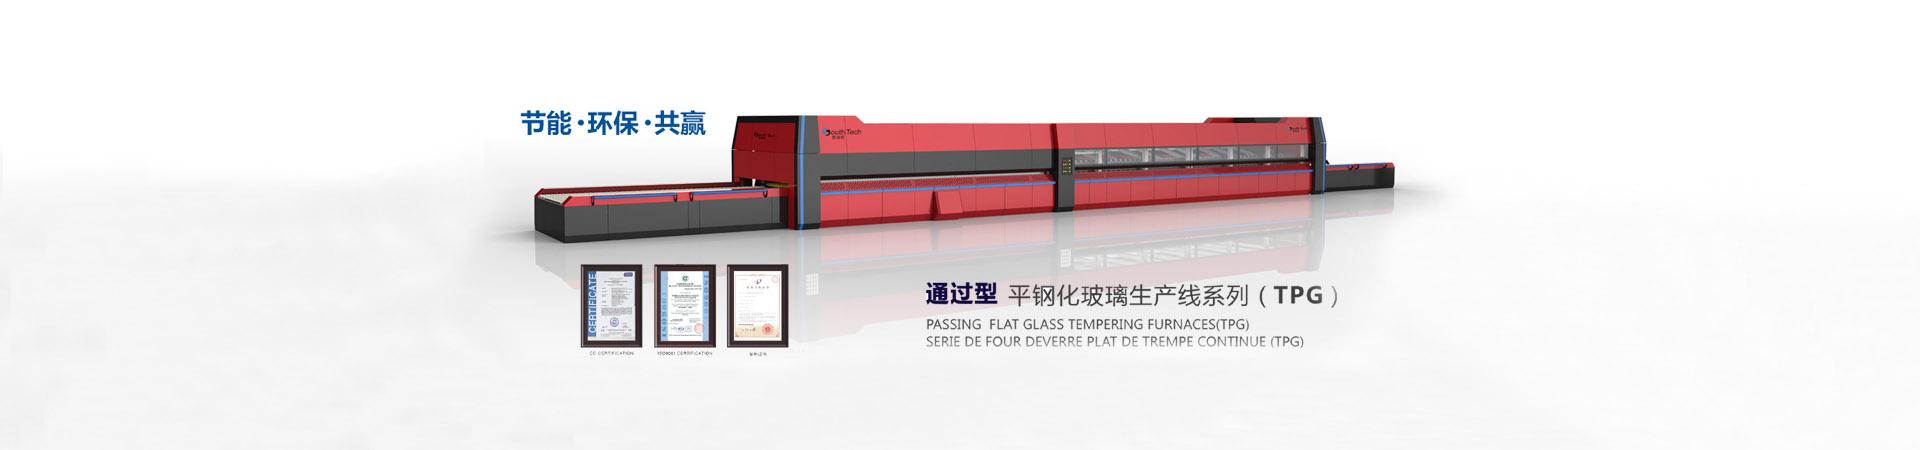 索奥斯(广东)千亿国际966技术股份有限公司企业形象图片